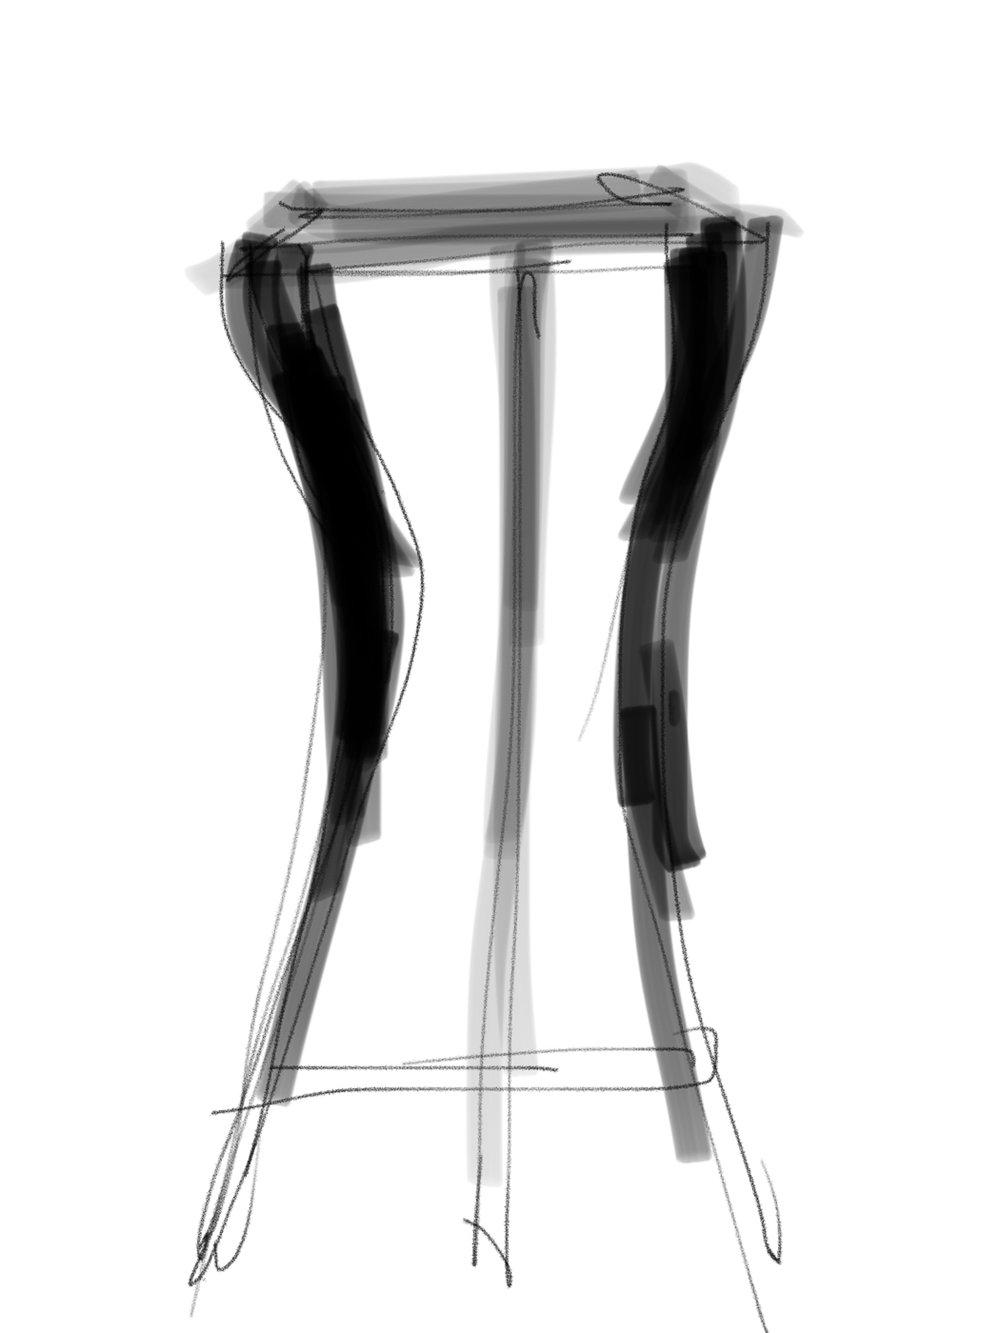 Sketch-505.jpg